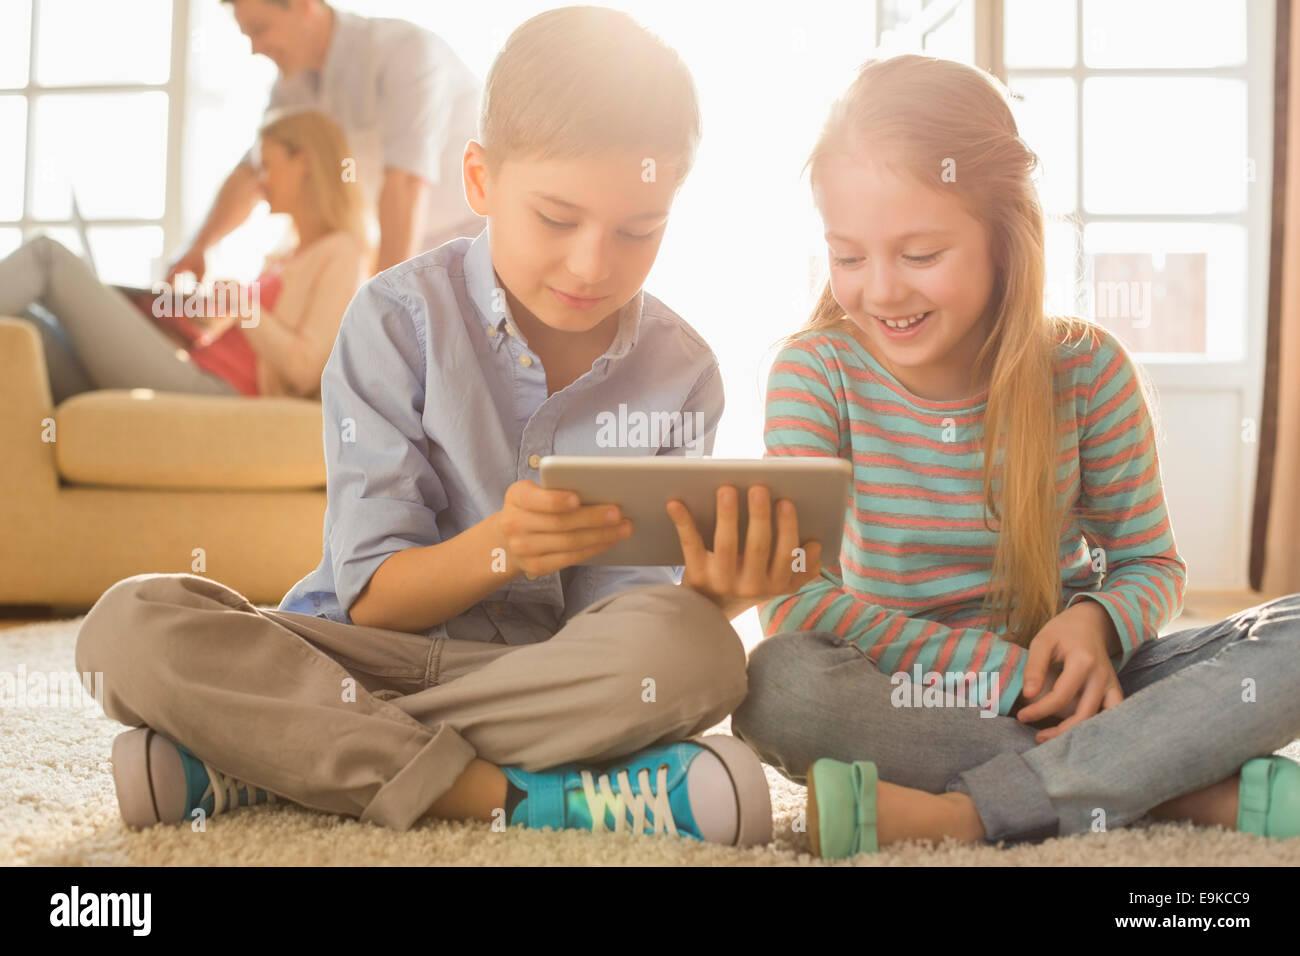 Feliz hermanos utilizando tablet digital en el piso con los padres en segundo plano. Imagen De Stock